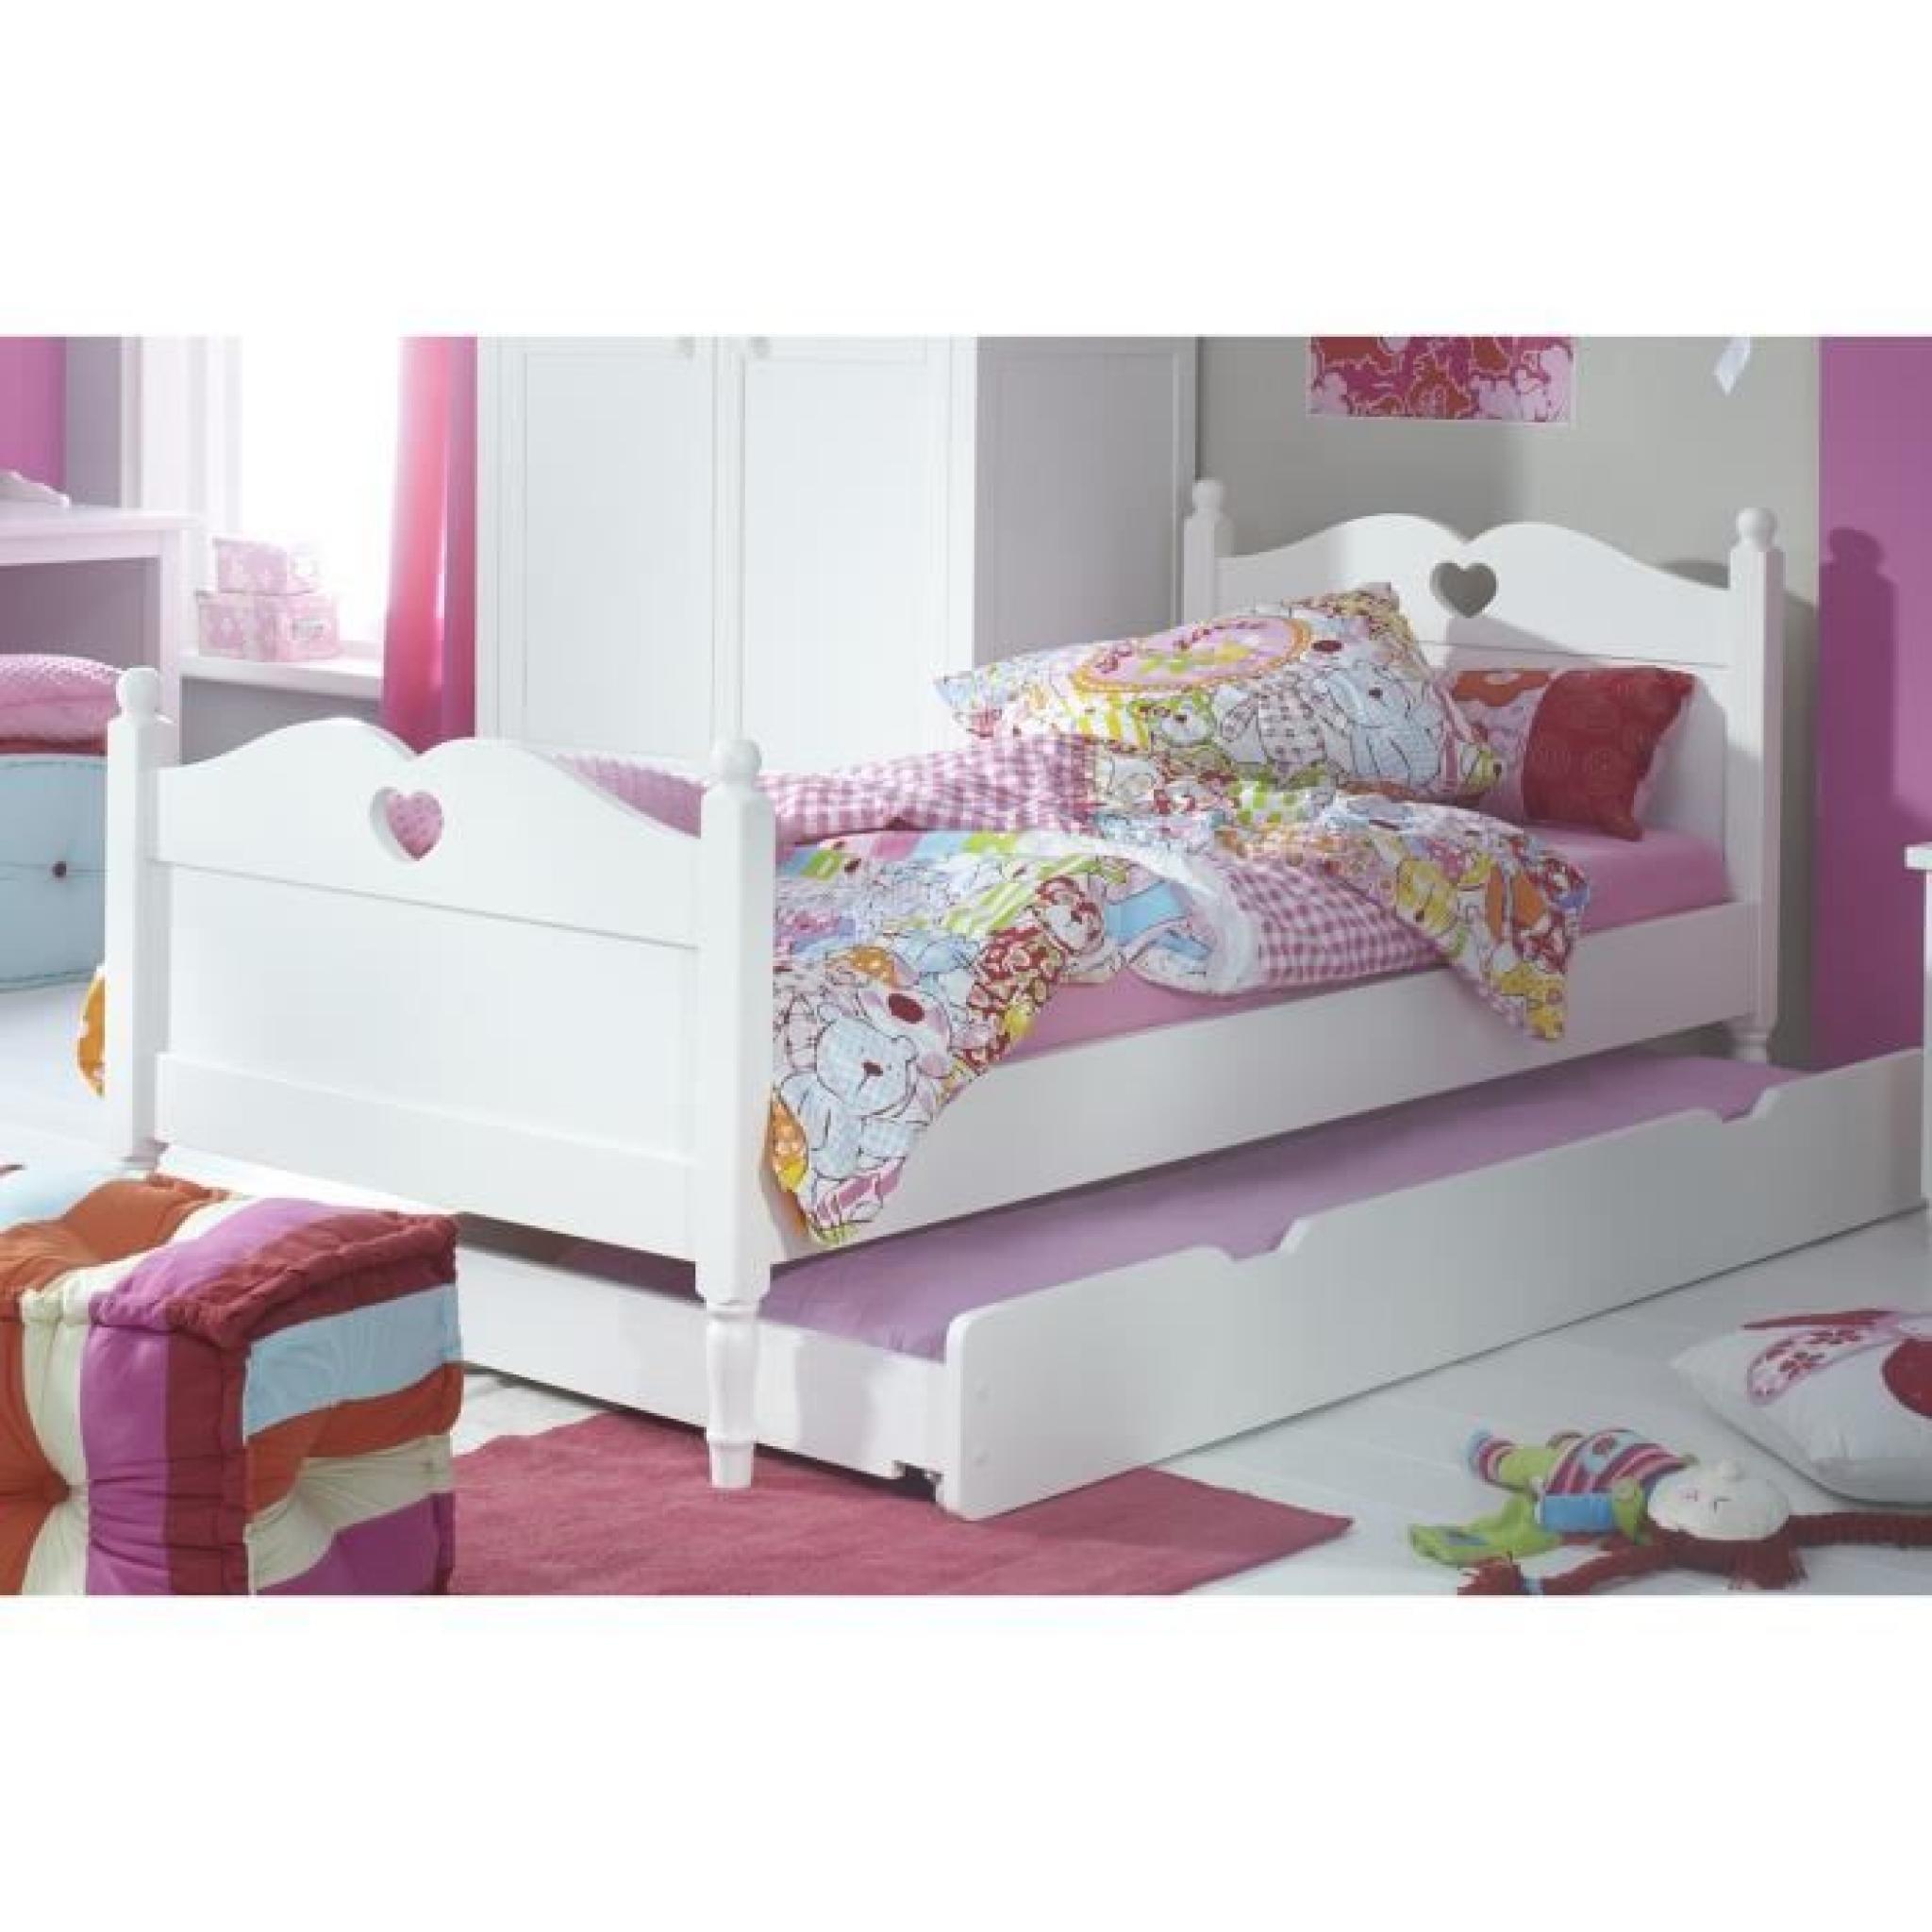 lit enfant avec tiroir lit 90x200 coloris blanc achat vente lit pas cher couleur et. Black Bedroom Furniture Sets. Home Design Ideas